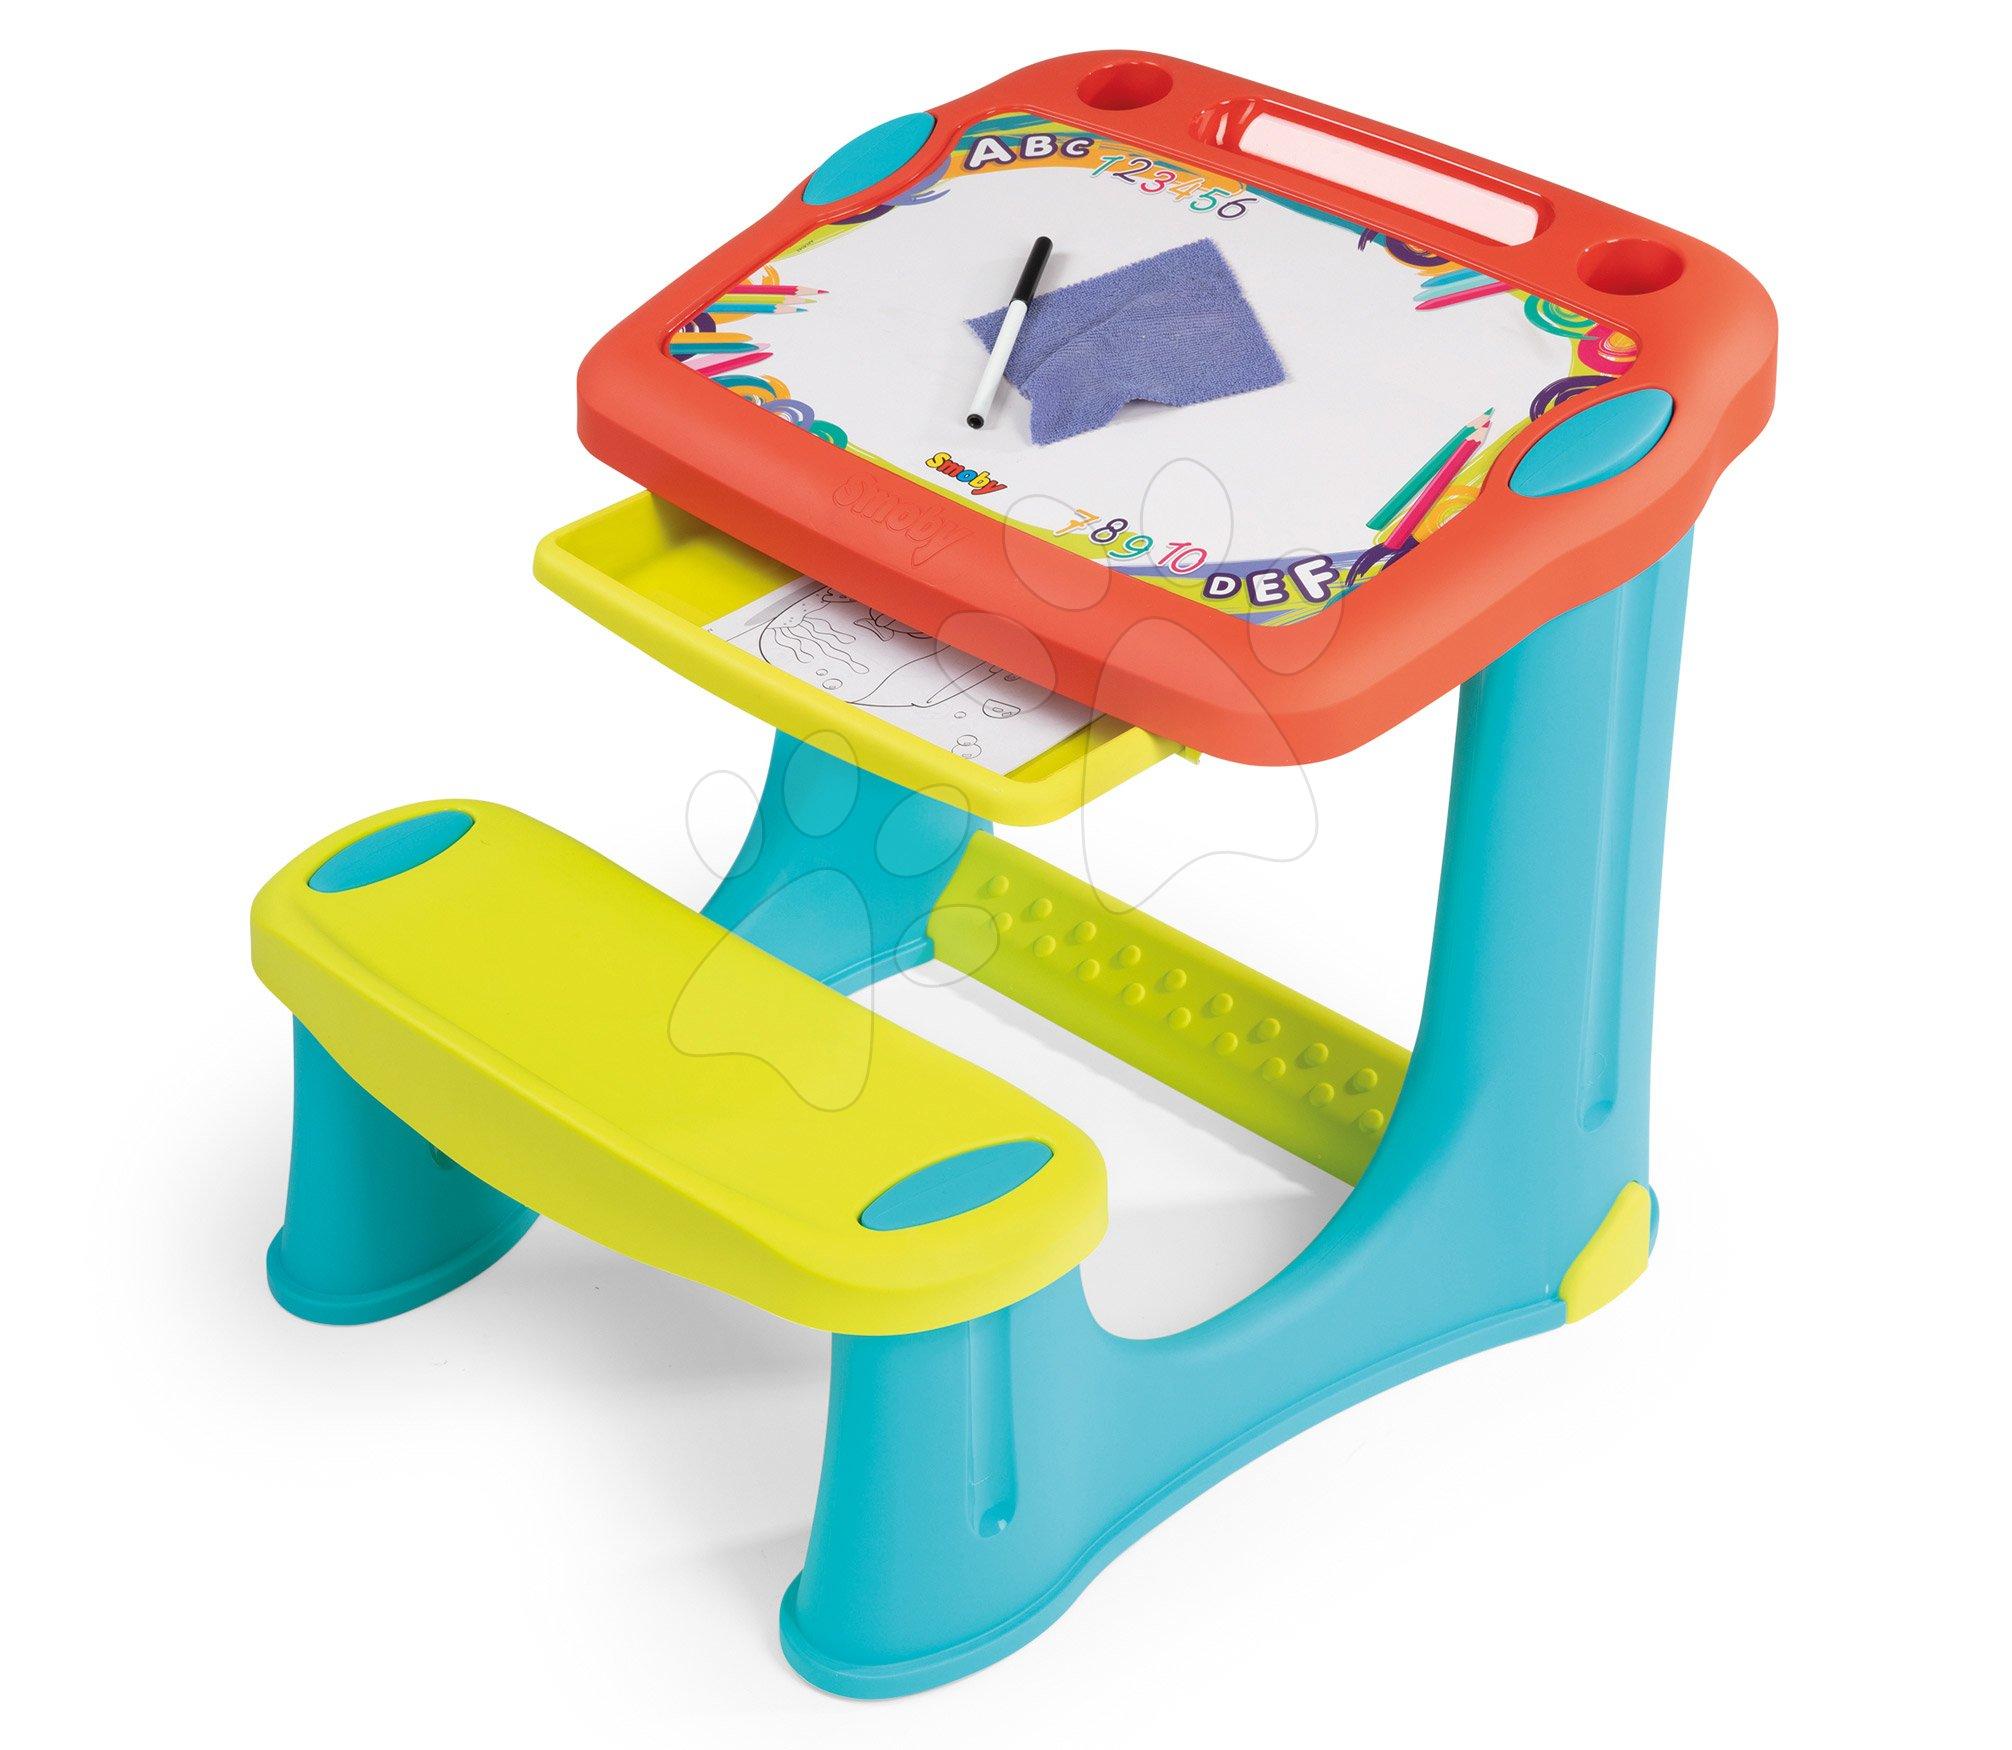 Školské lavice - Lavica na kreslenie Magic Desk Smoby Kresli a zmaž so 4 odkladacími priestormi a 12 doplnkami od 24 mes